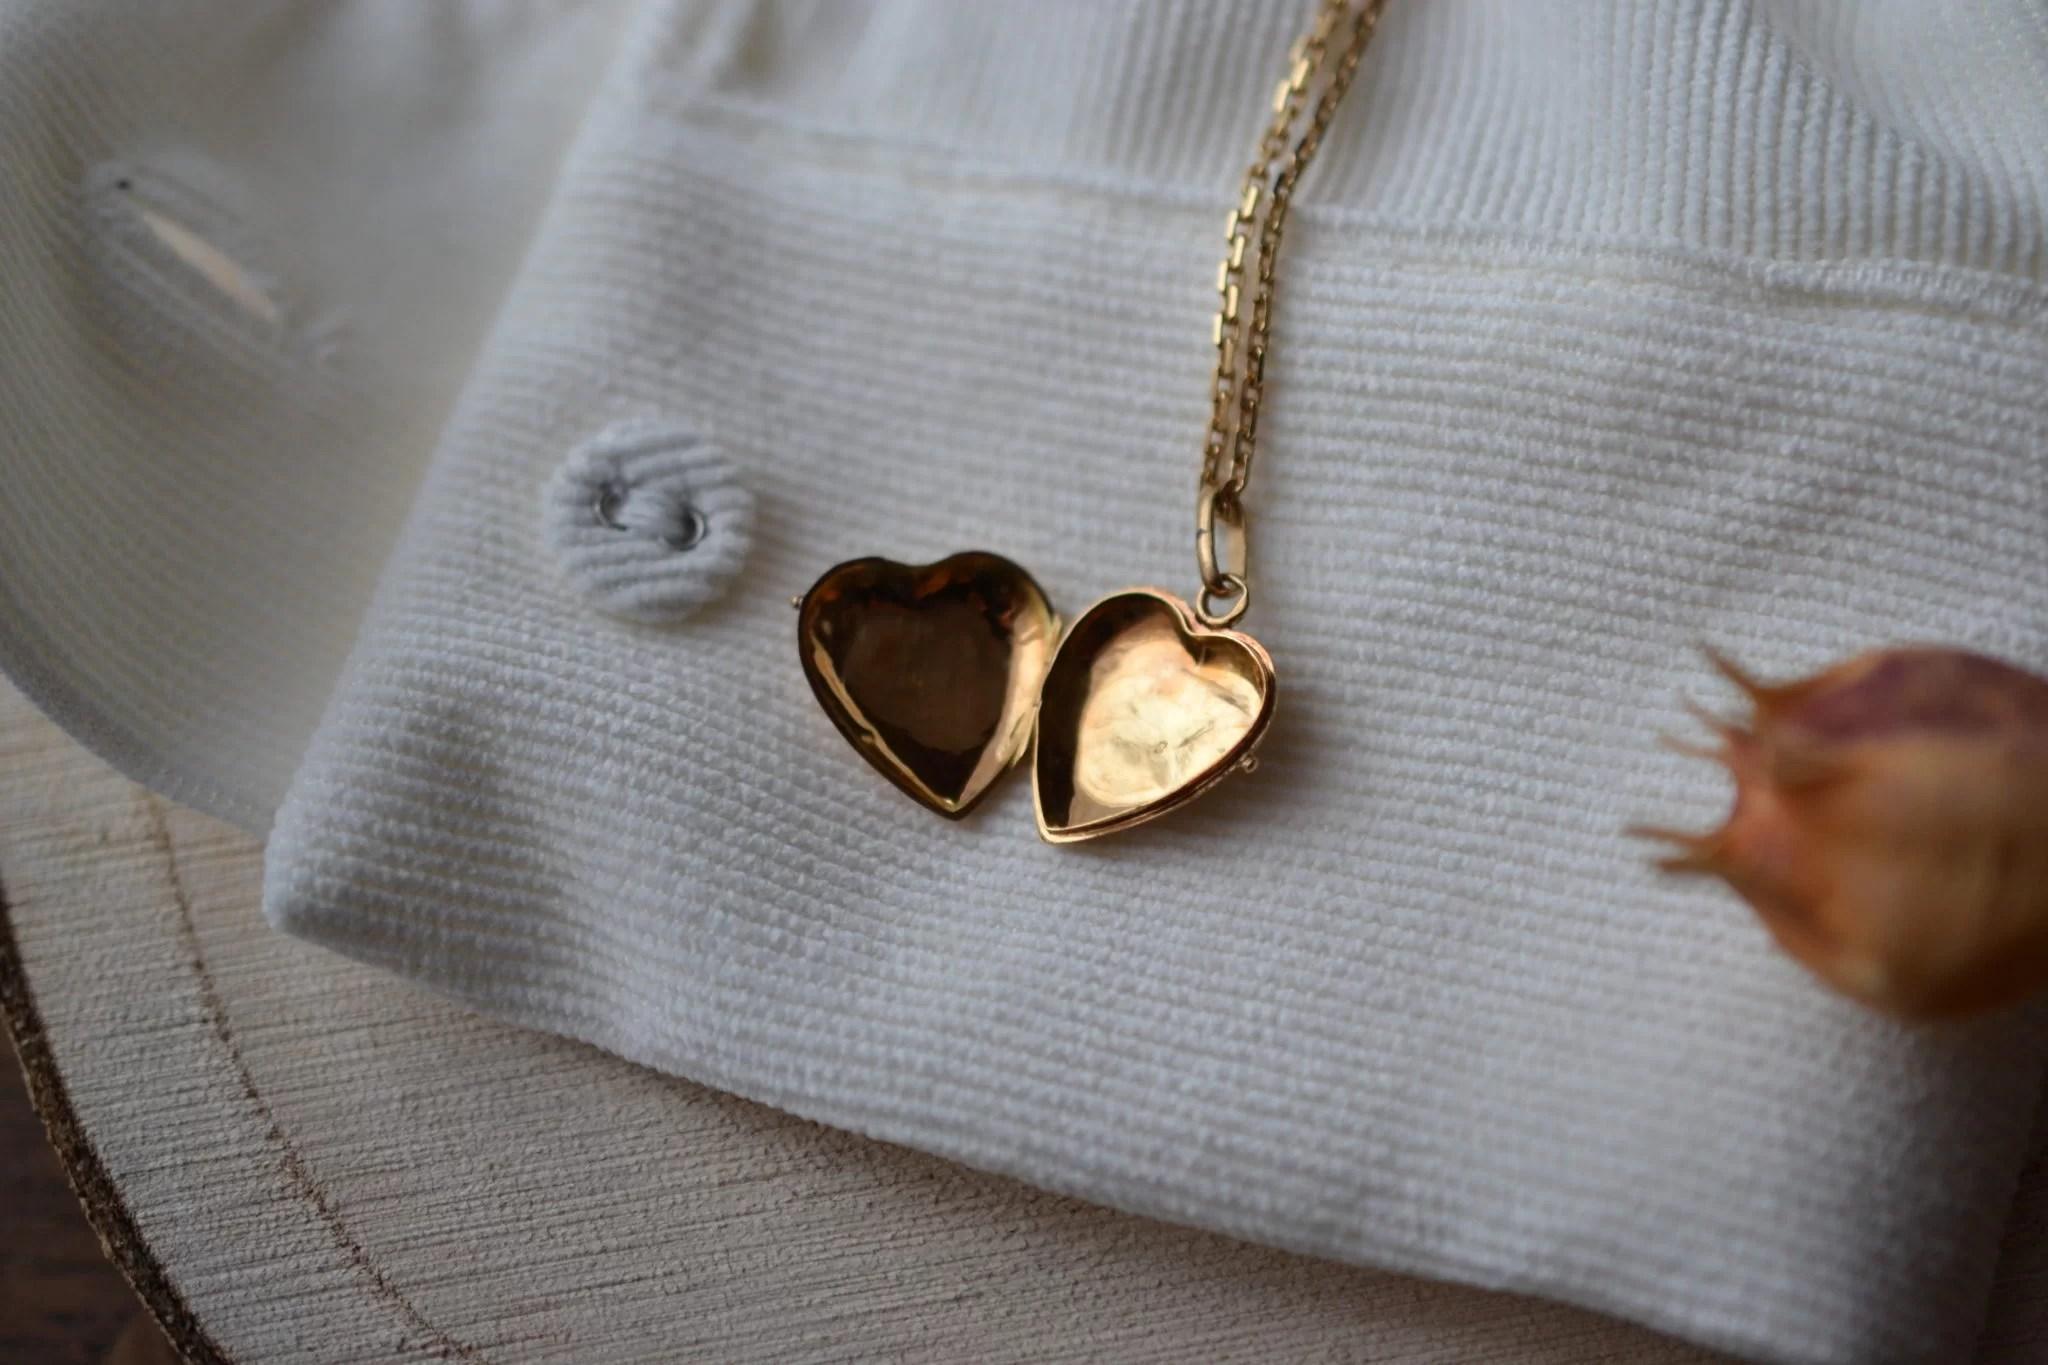 Pendentif ouvrant en forme de cœur en Or jaune - pendentif éthique